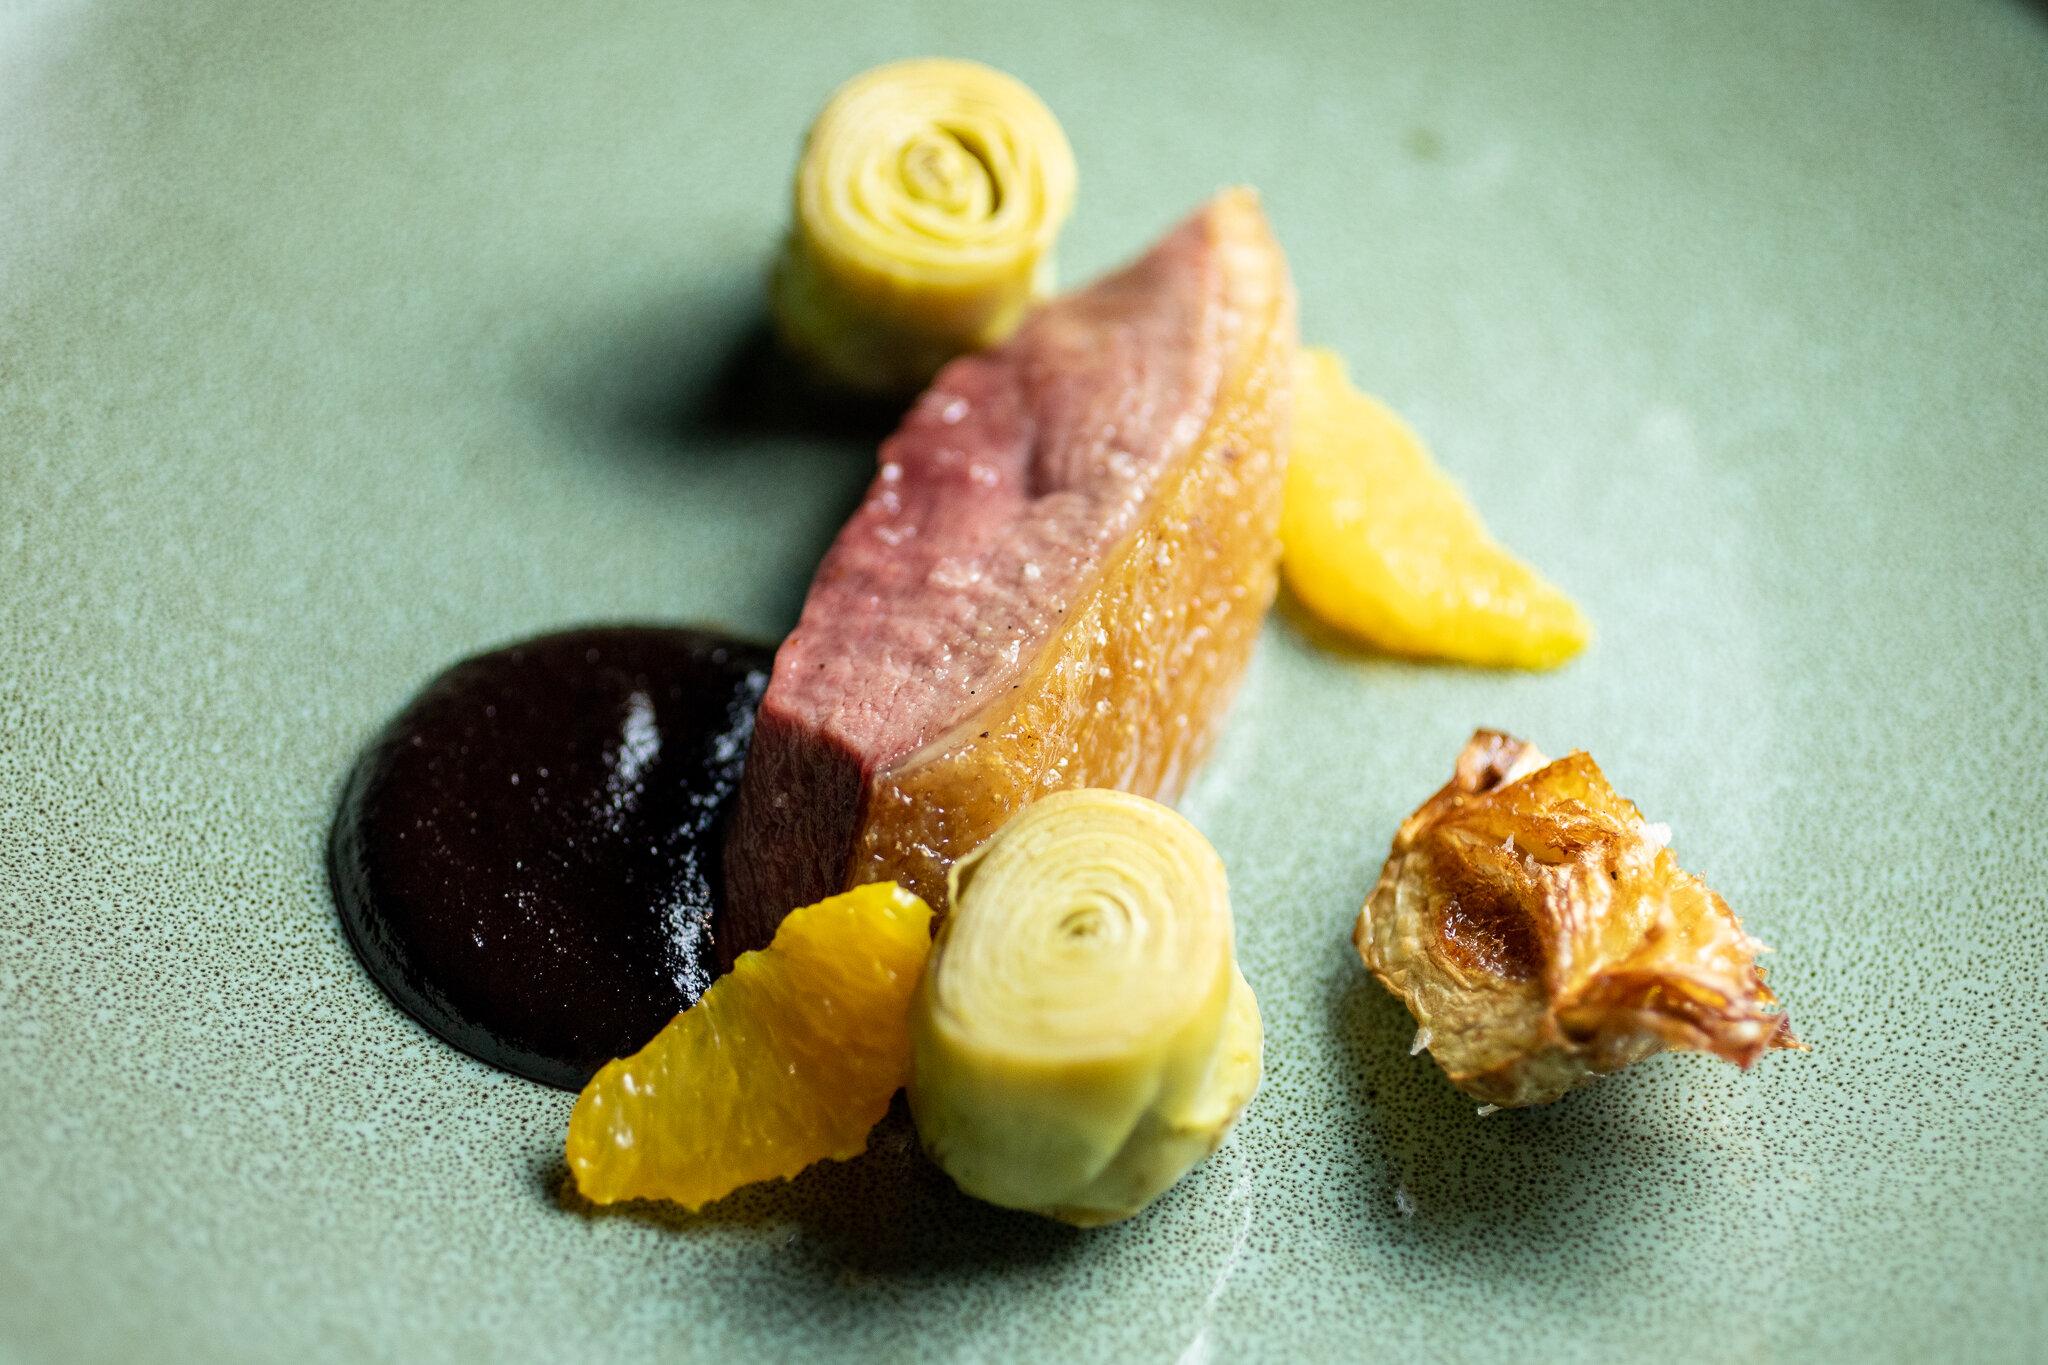 Duck à l'Orange, Artichokes Barigoule, Mole Negro